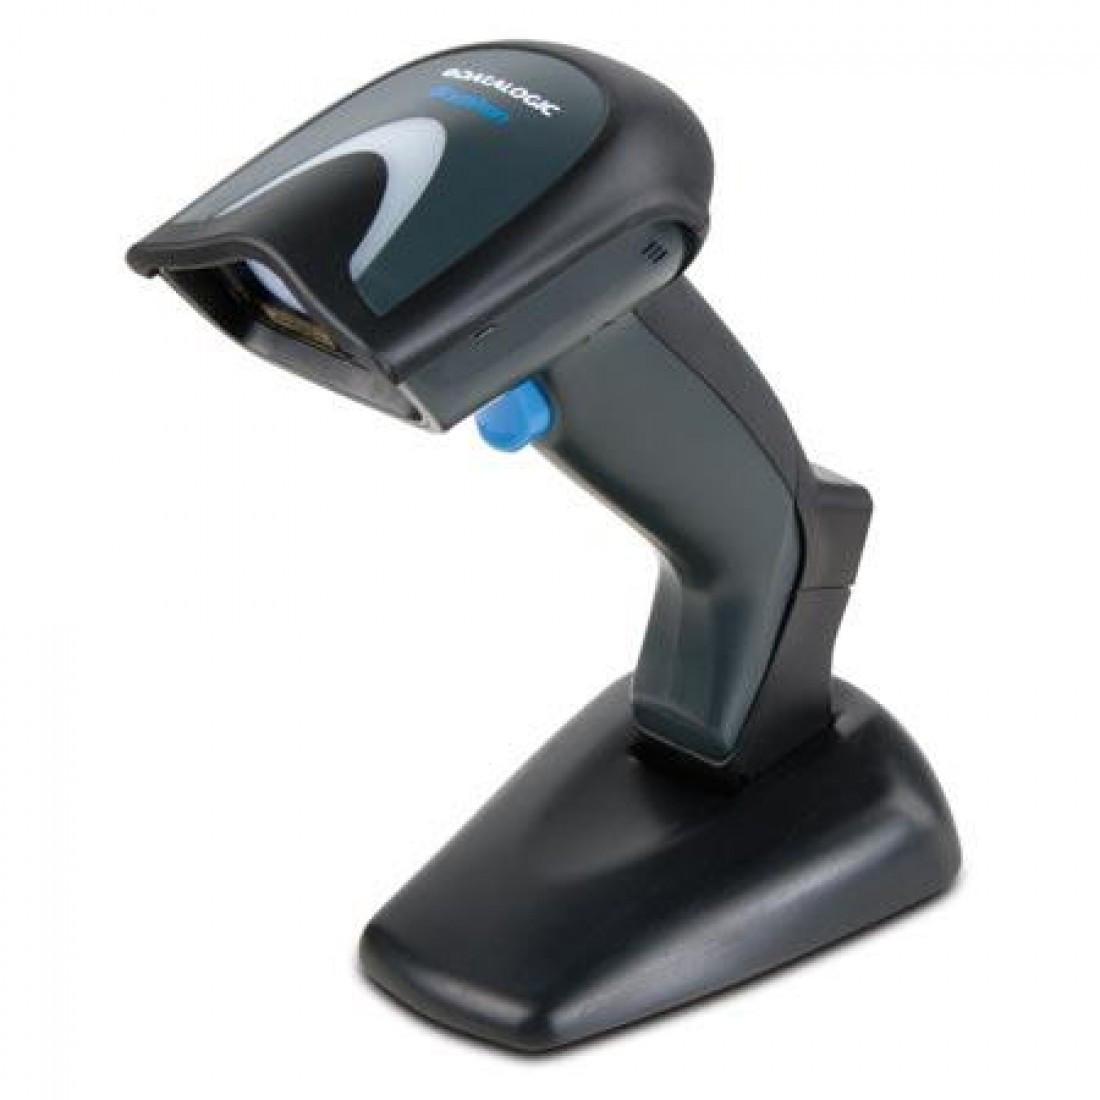 Сканер штрих-кодов Datalogic Gryphon I GD4430 2D